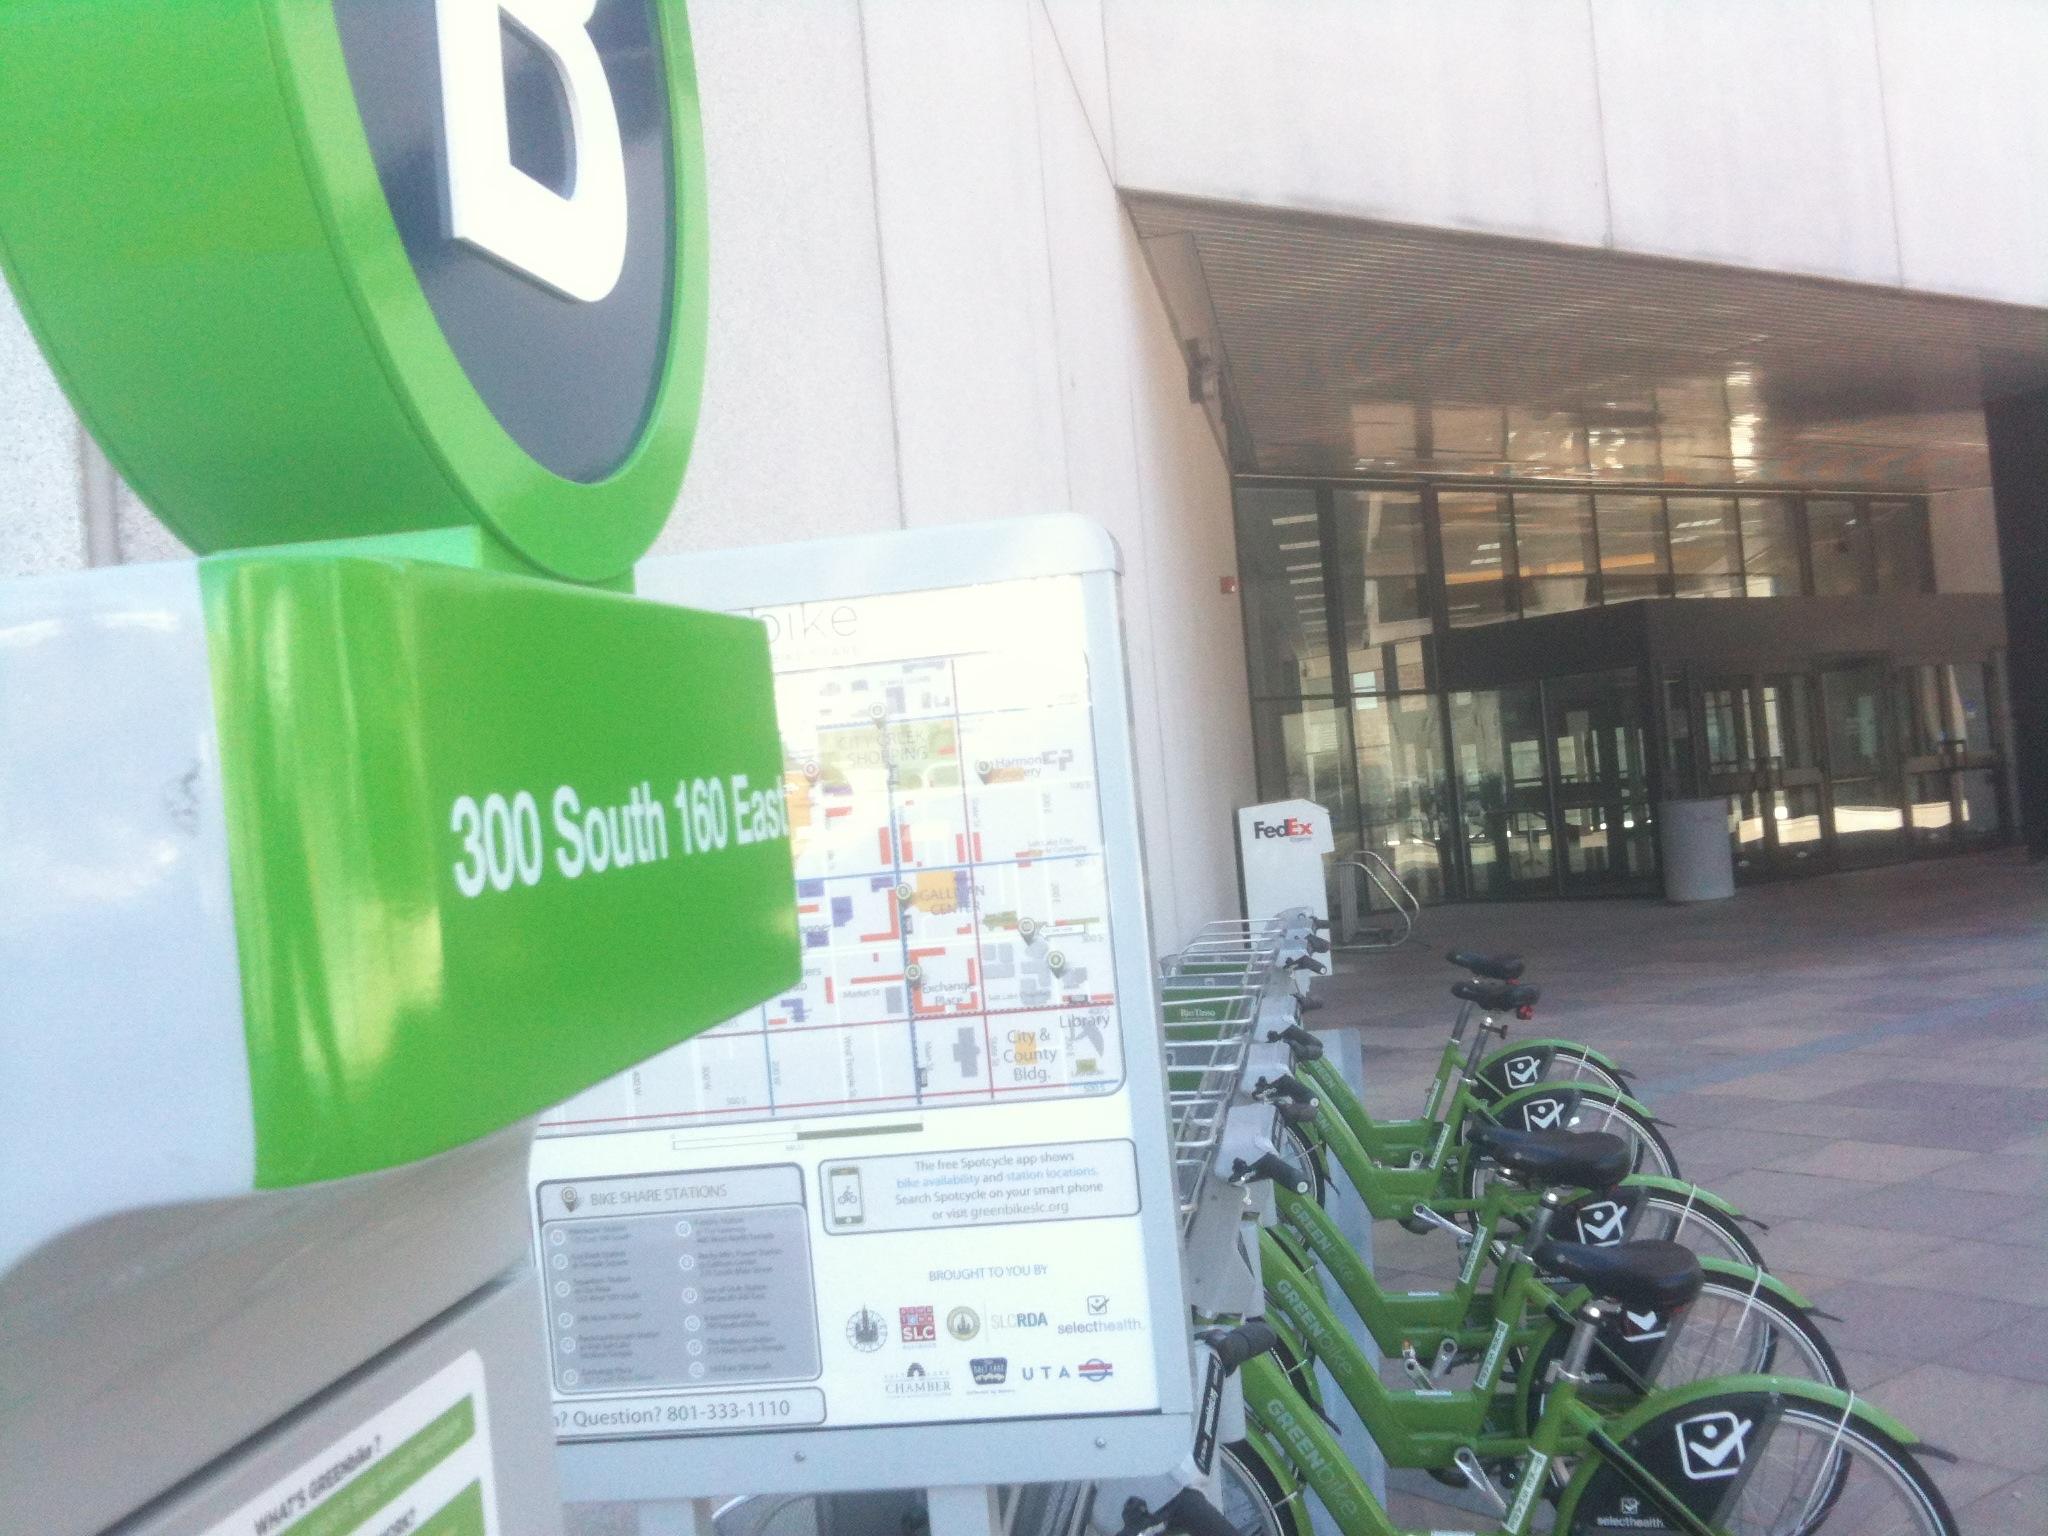 Greenbike bike share in Salt Lake City